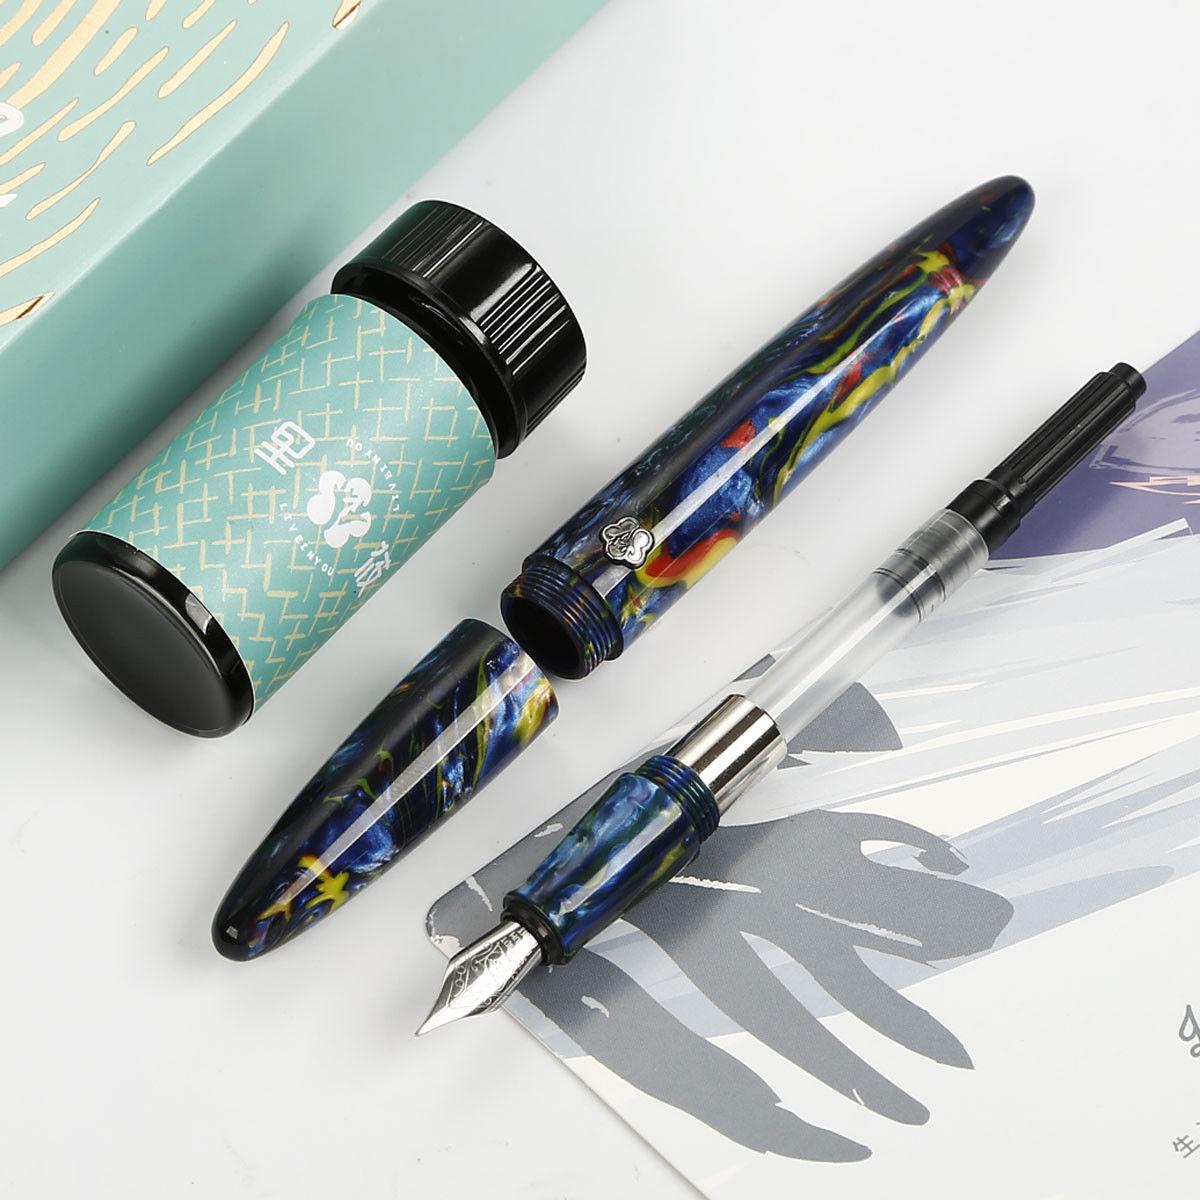 Résine Acétate fibre Génial stylo-plume Schmidt Fine Plume D'écriture stylo à encre Ensemble pour le Cadeau D'affaires Collection stylo cadeau